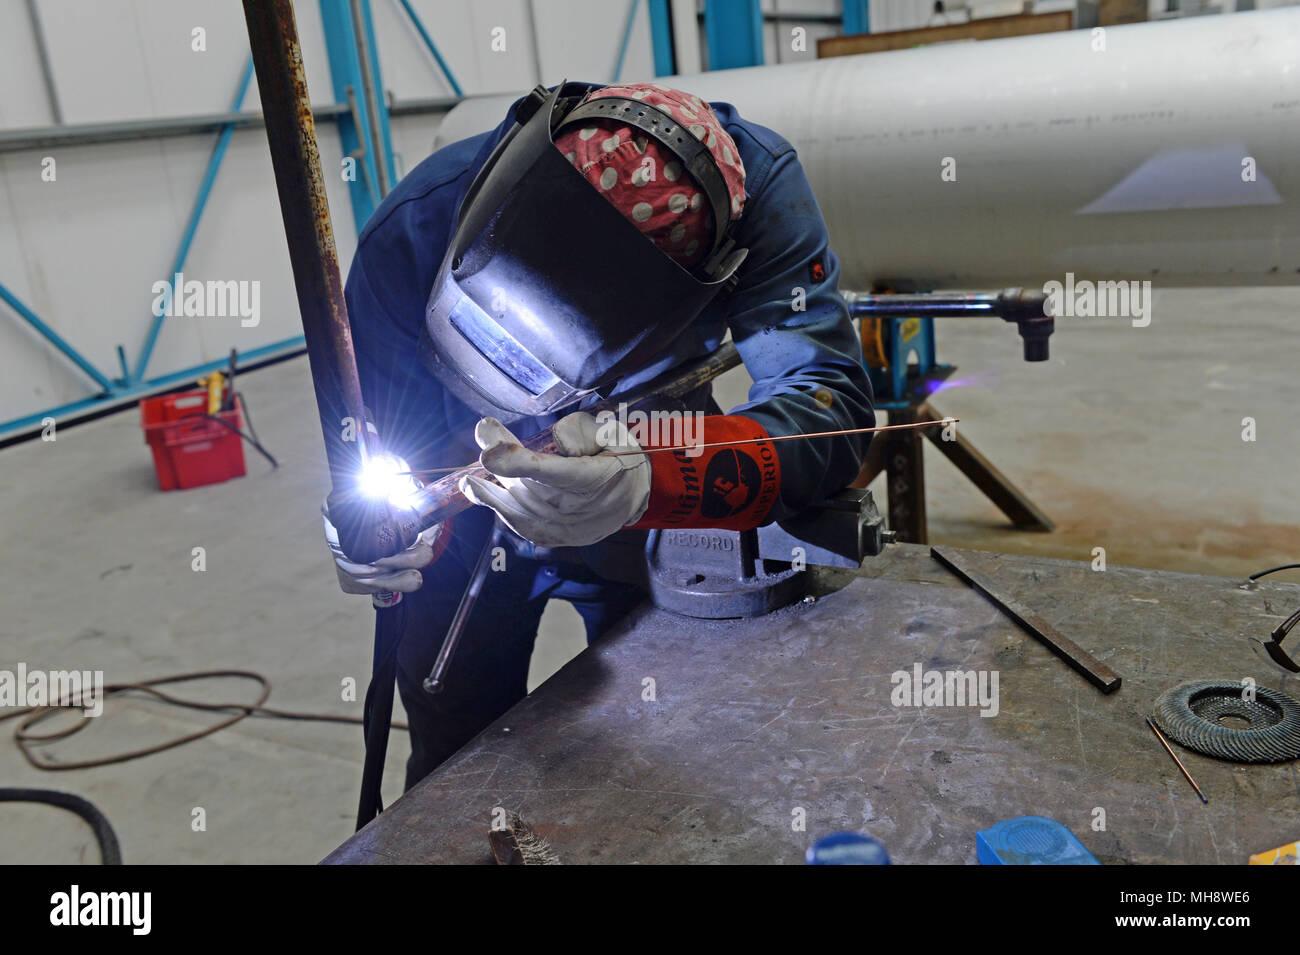 Saldatore saldatura tubo assieme in un laboratorio di fabbricazione Immagini Stock